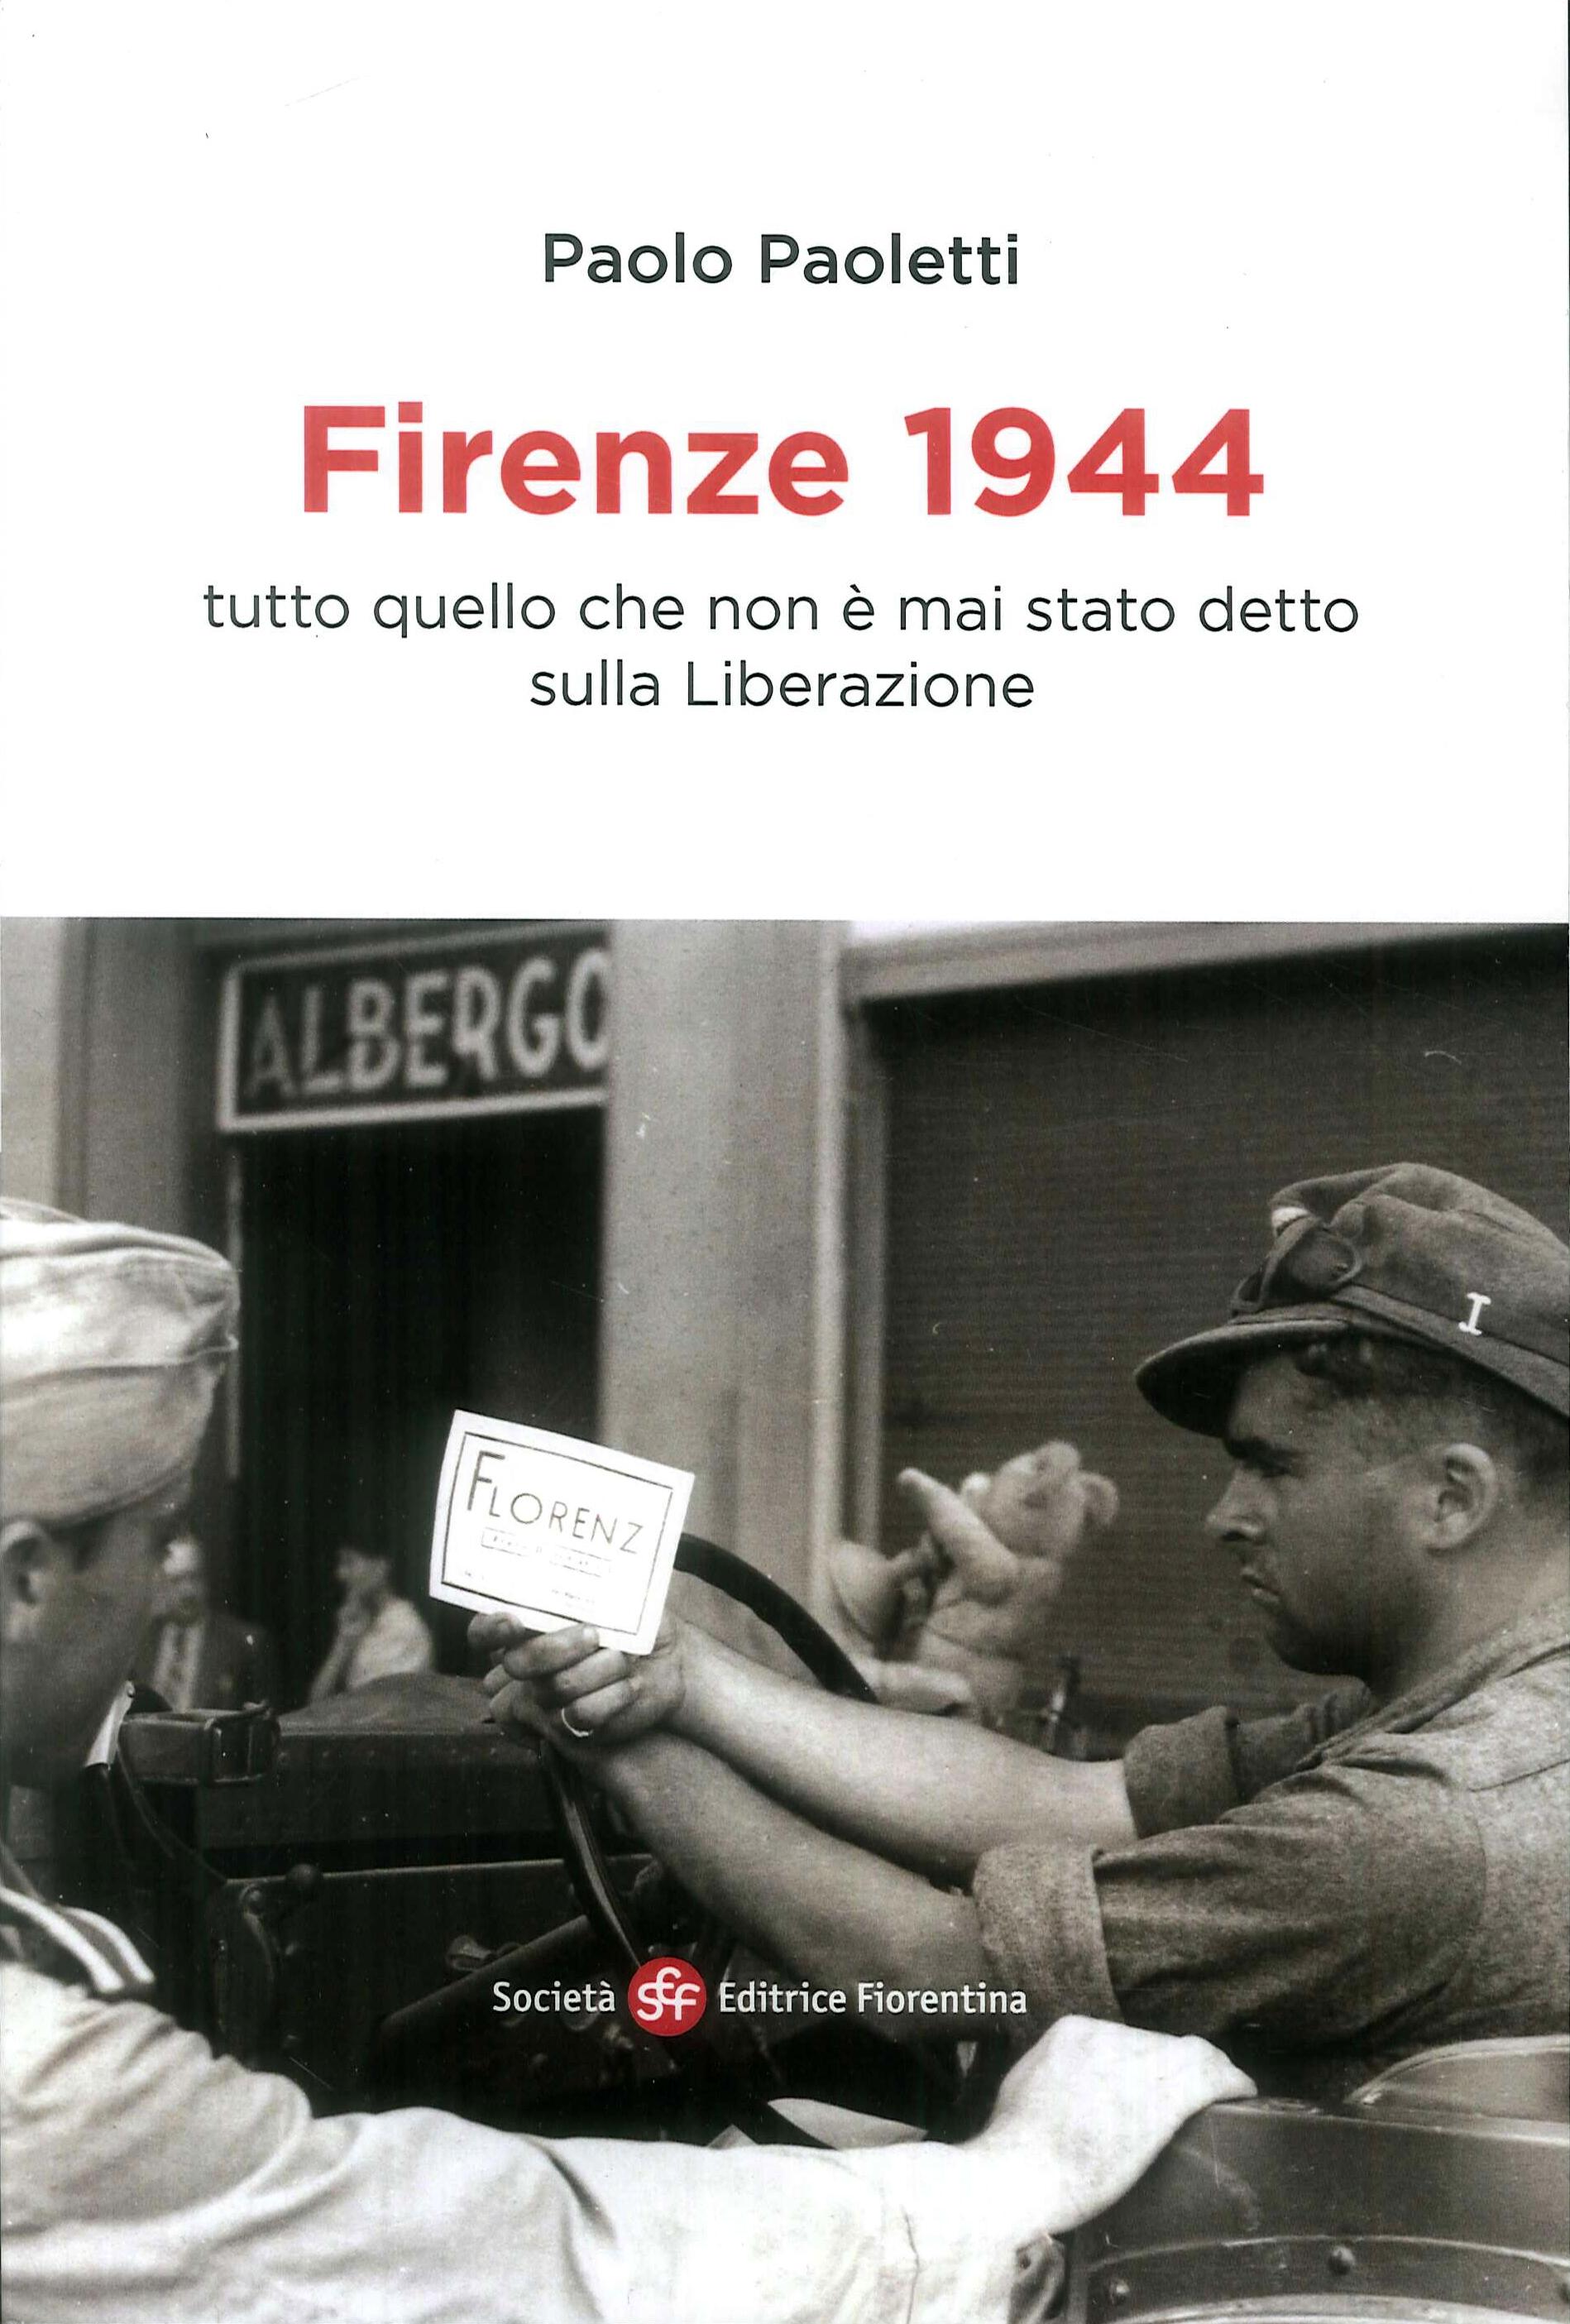 Firenze 1944. Tutto quello che non è mai stato detto sulla liberazione.